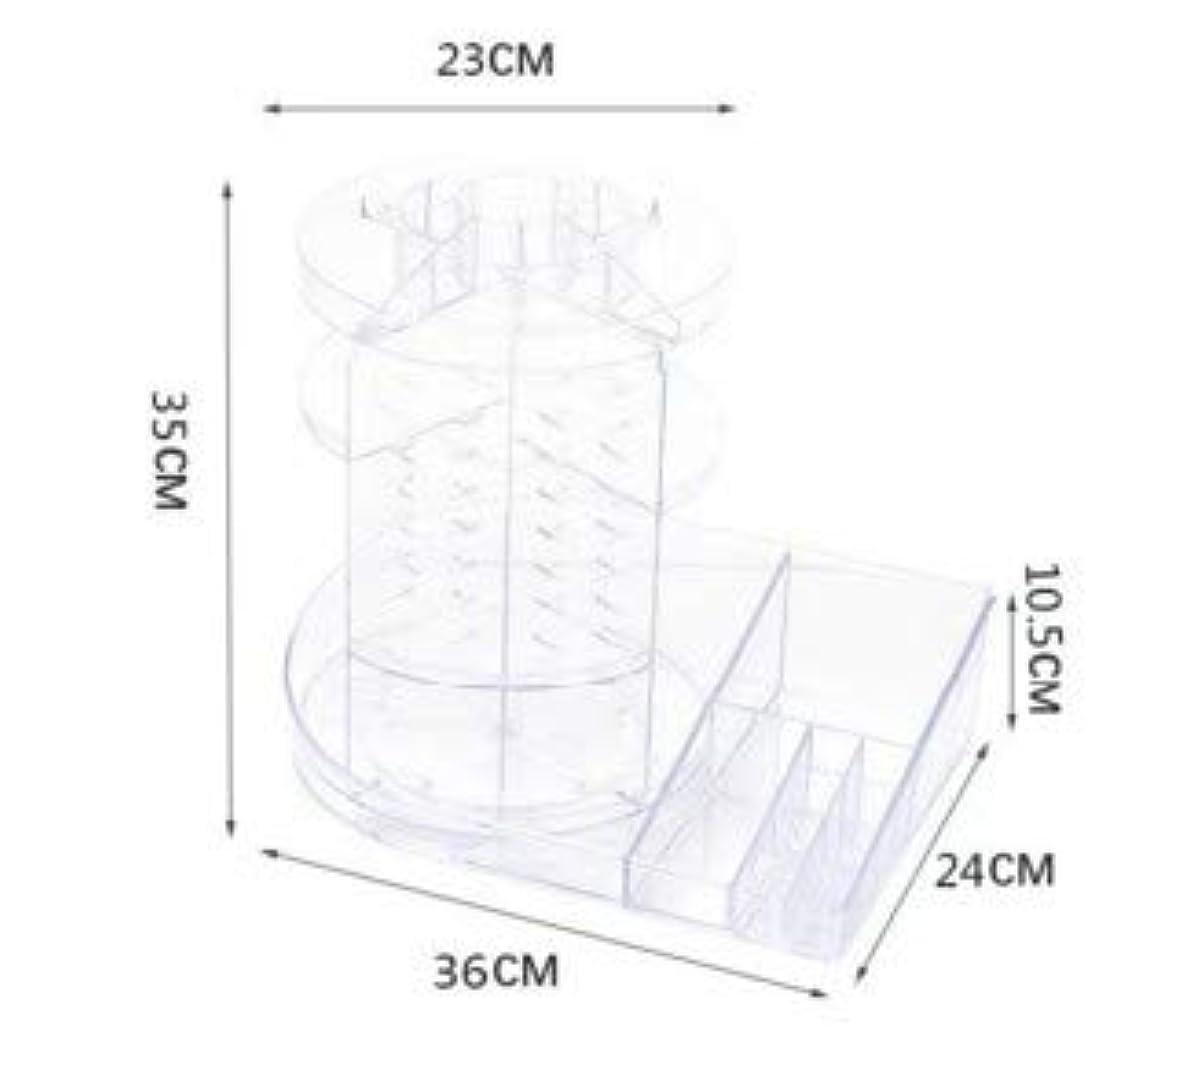 庭園謝るいたずら化粧品収納ボックス透明回転テーブル化粧台スキンケア製品口紅ラック仕上げボックス (Color : ホワイト)